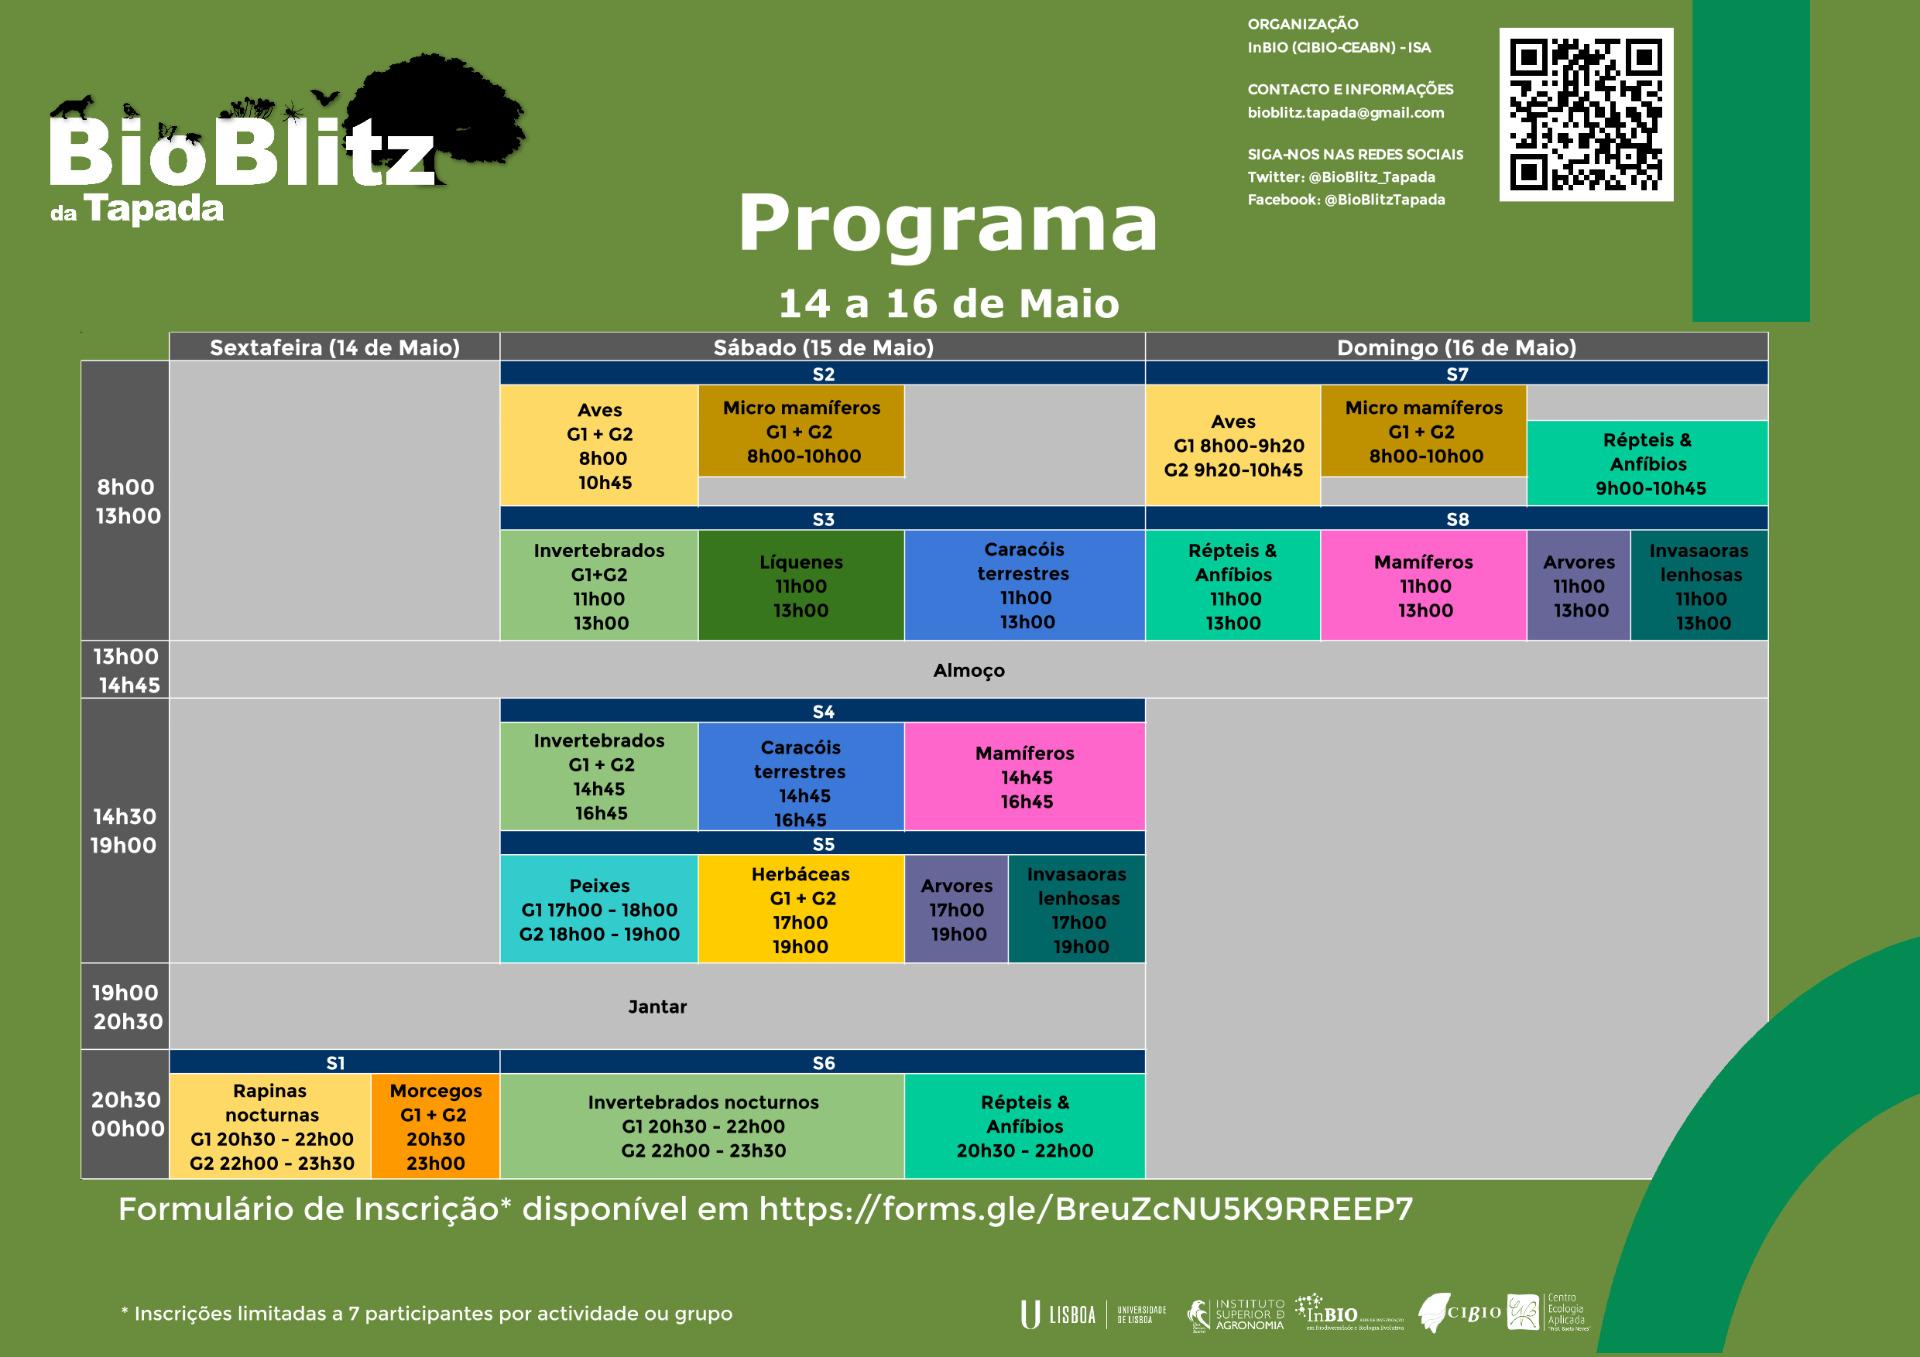 Programa do Bioblitz